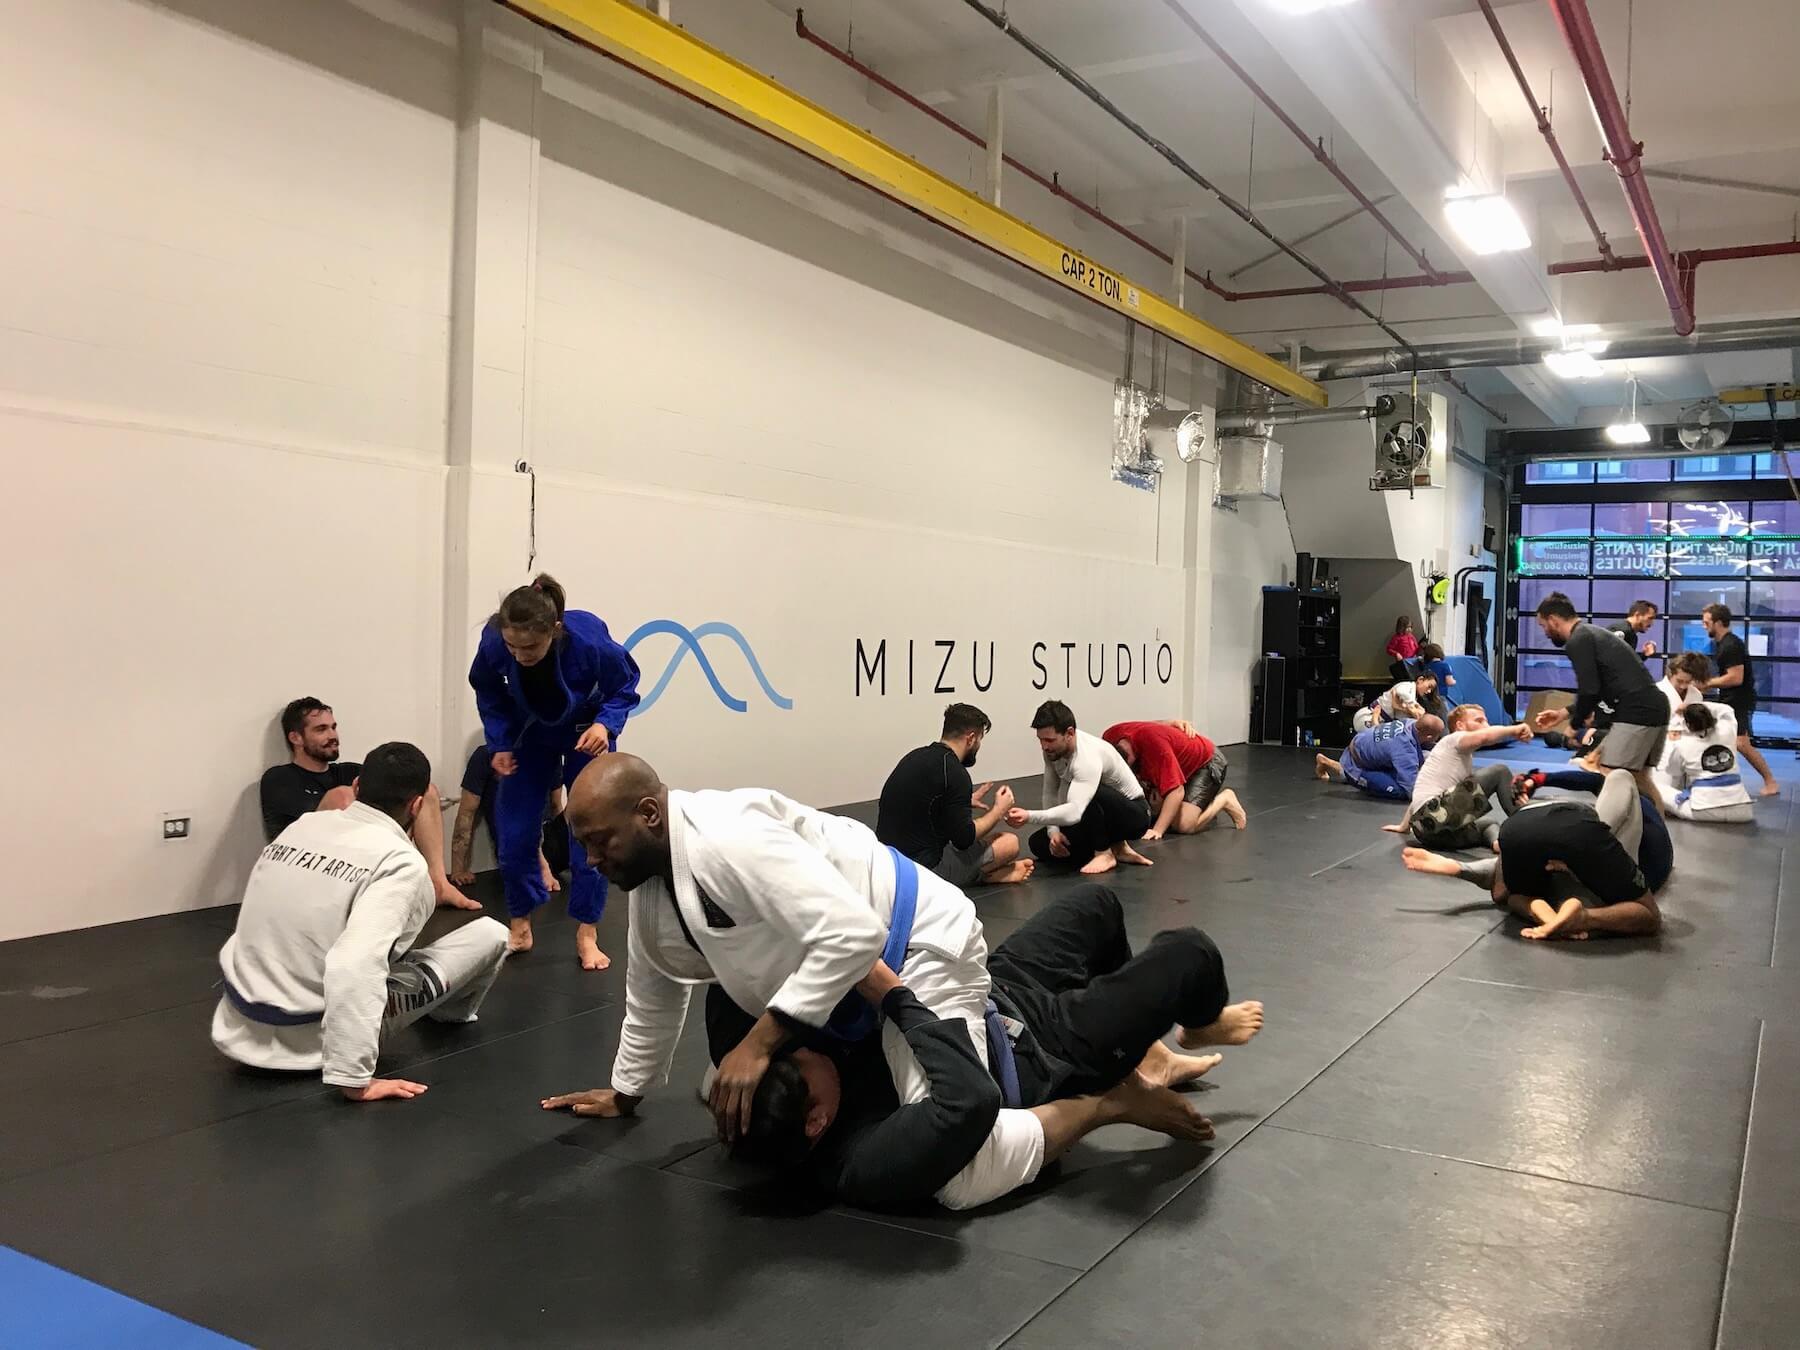 Training at Mizu